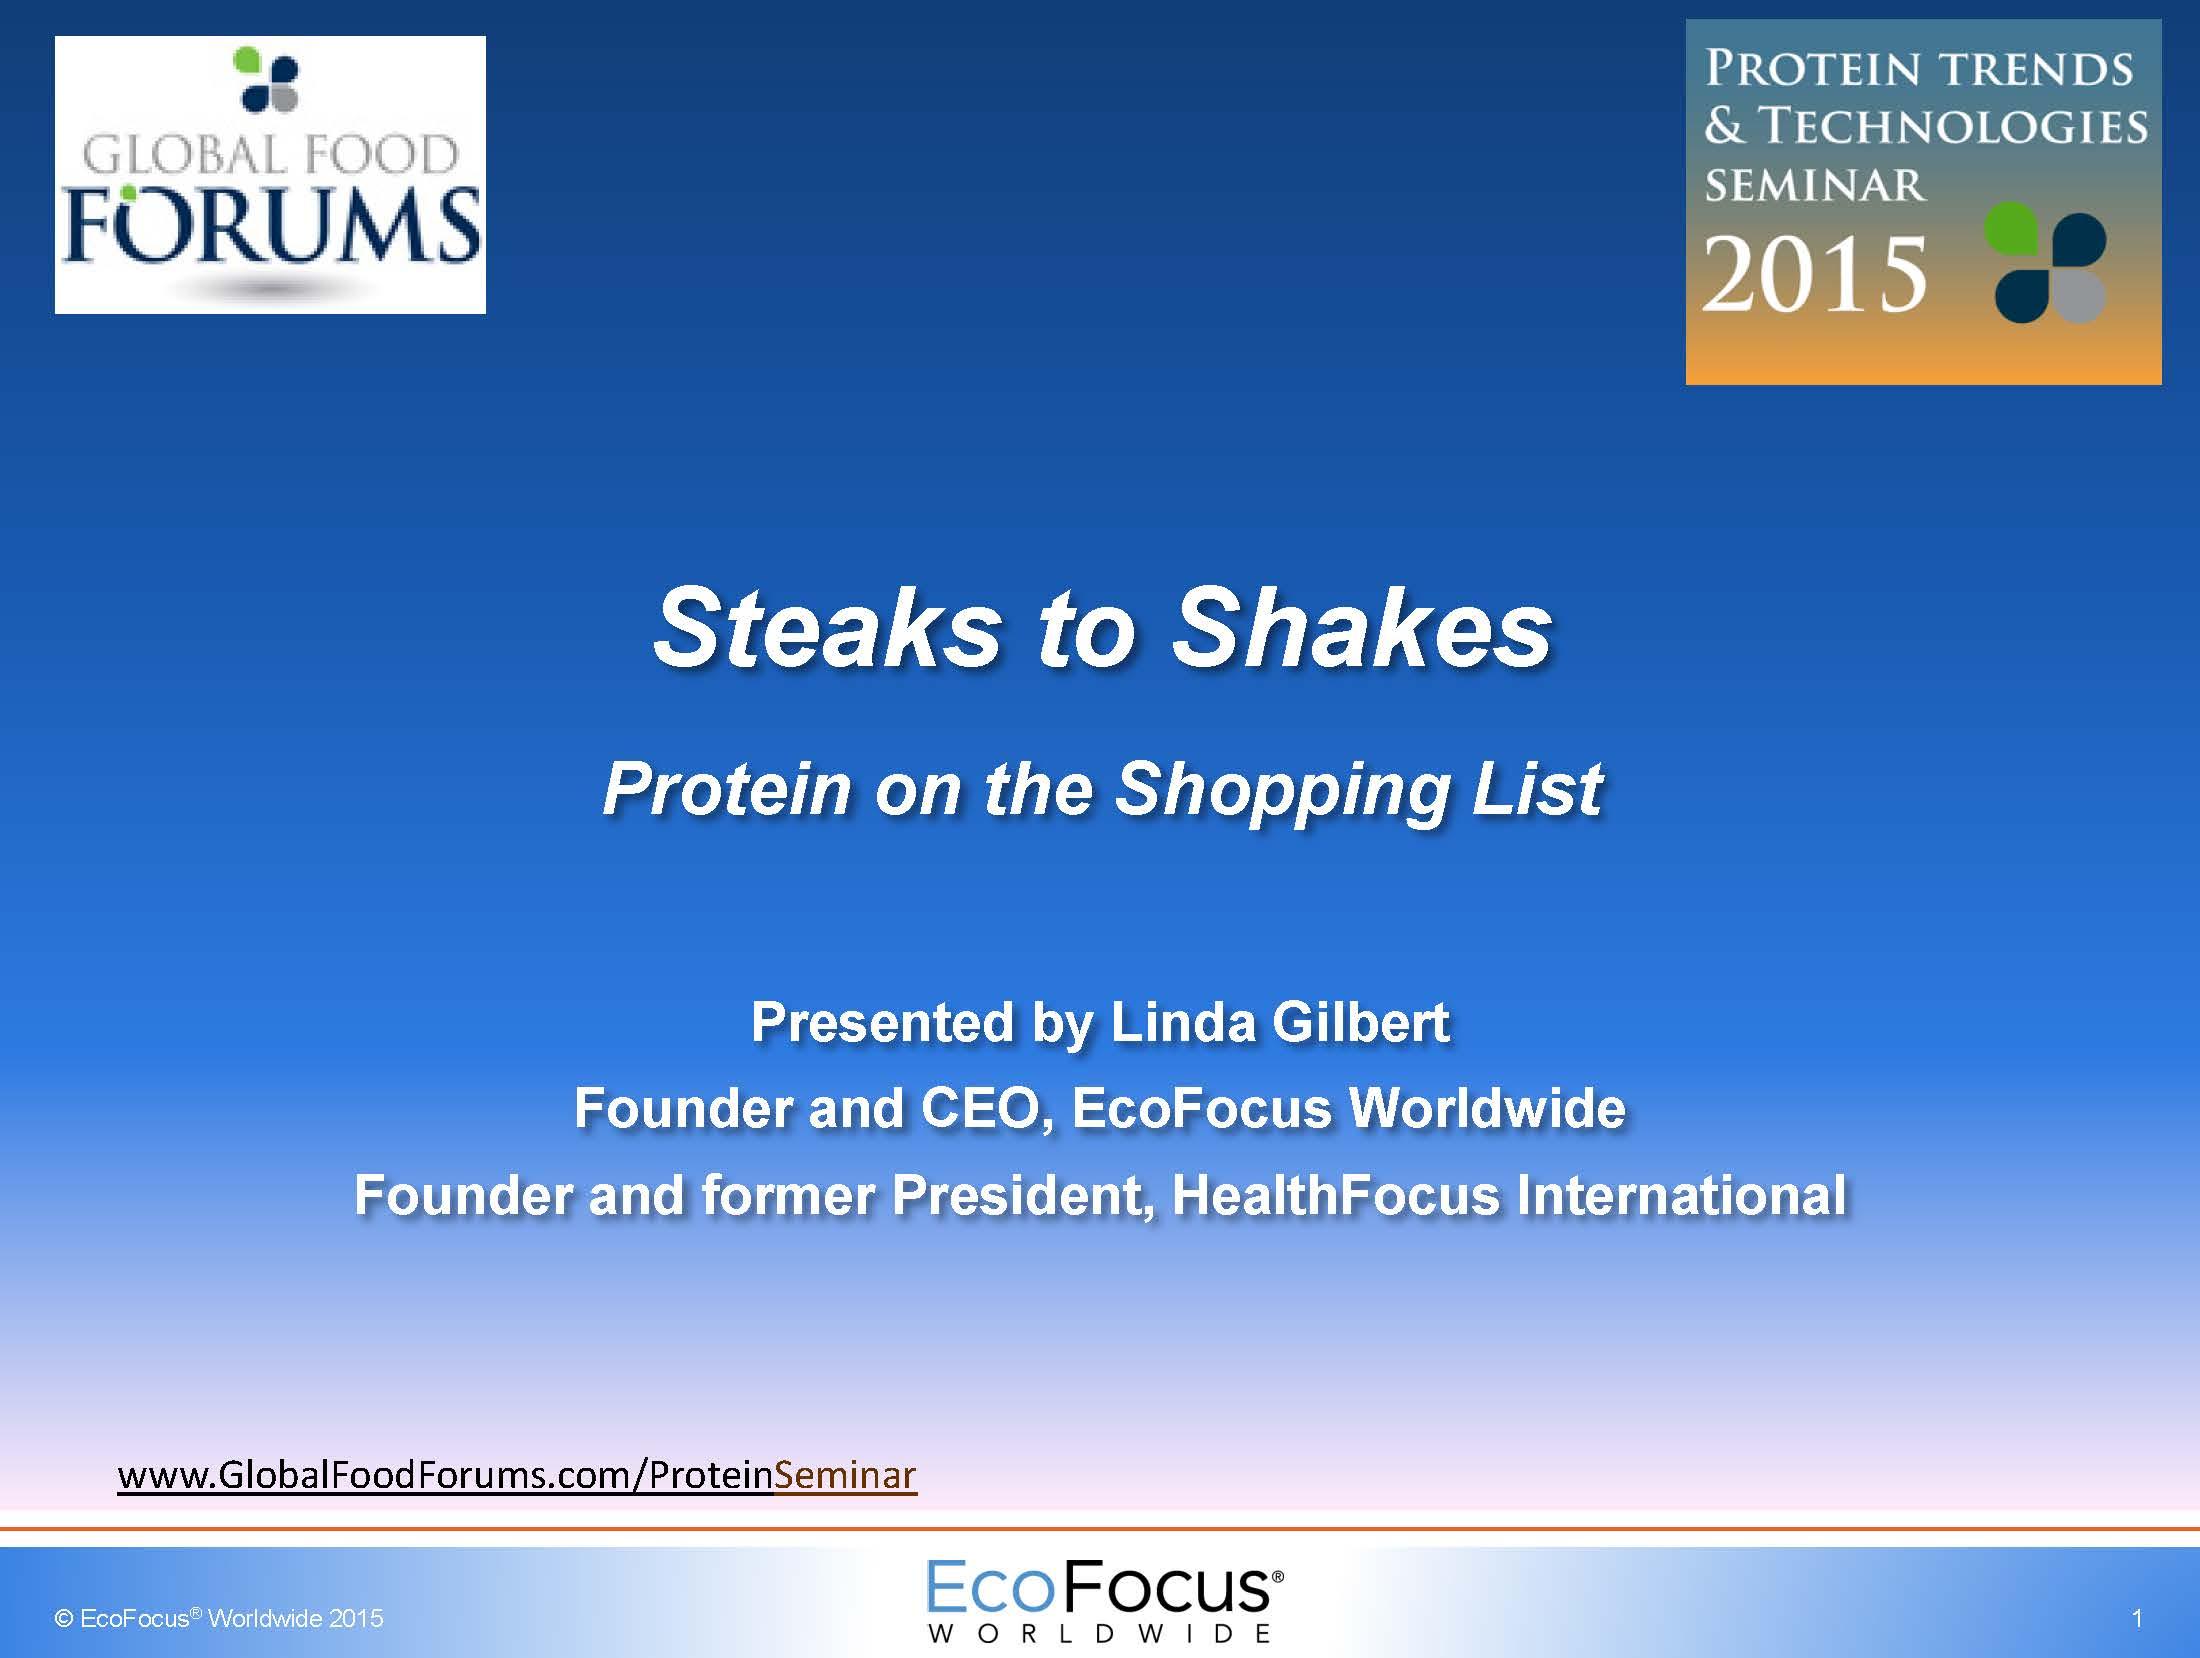 Linda Gilbert Shopping for Protein 2015 PTT